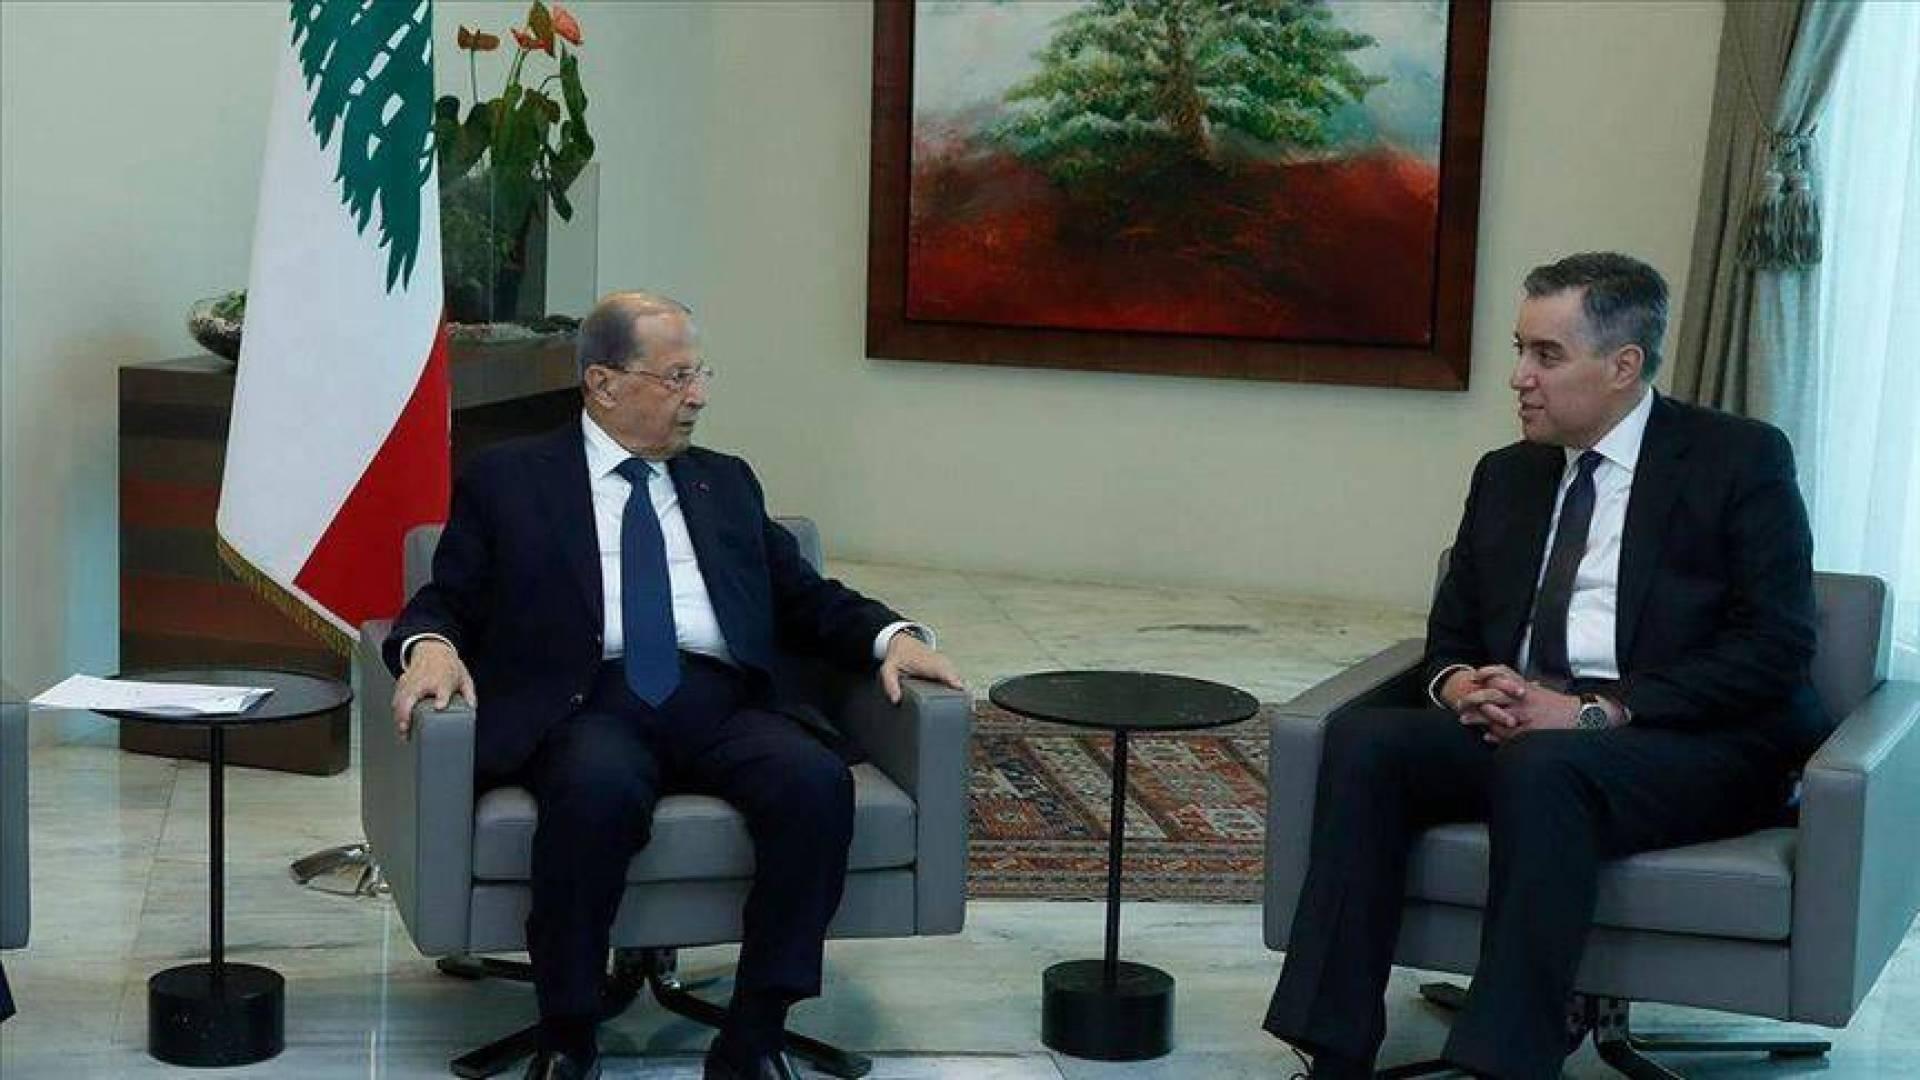 الرئيس اللبناني يقبل اعتذار أديب عن تشكيل الحكومة